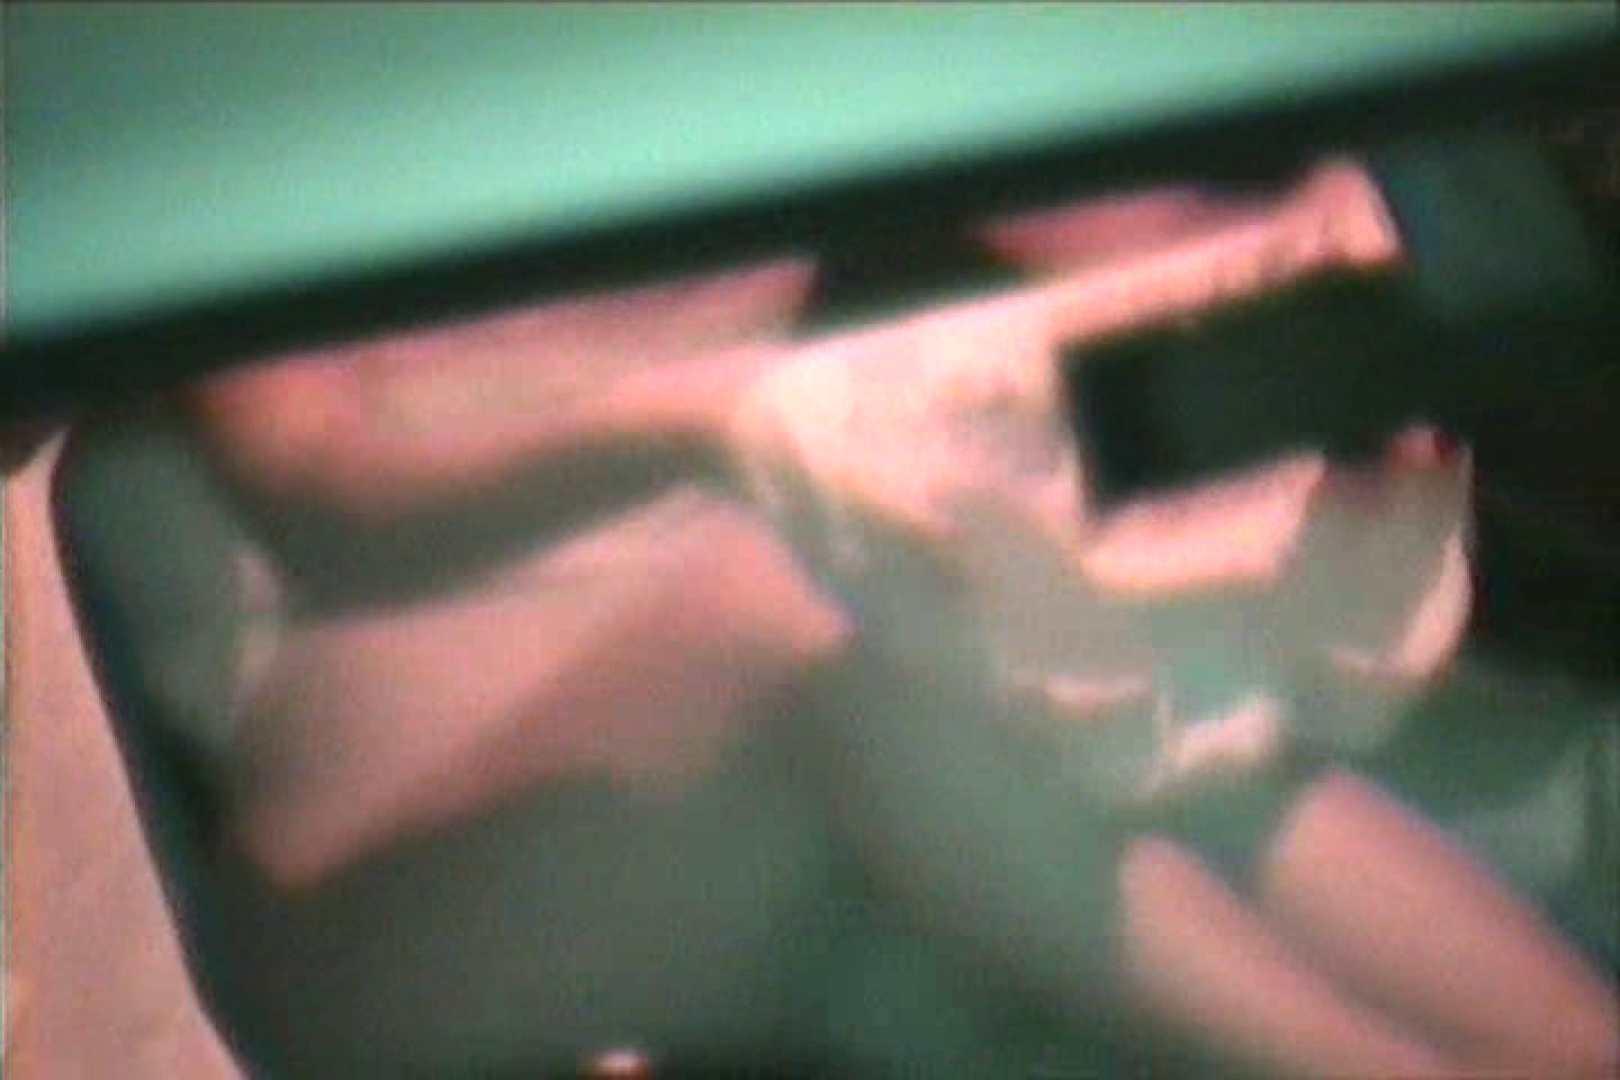 車の中はラブホテル 無修正版  Vol.25 セックス AV無料動画キャプチャ 103PIX 67